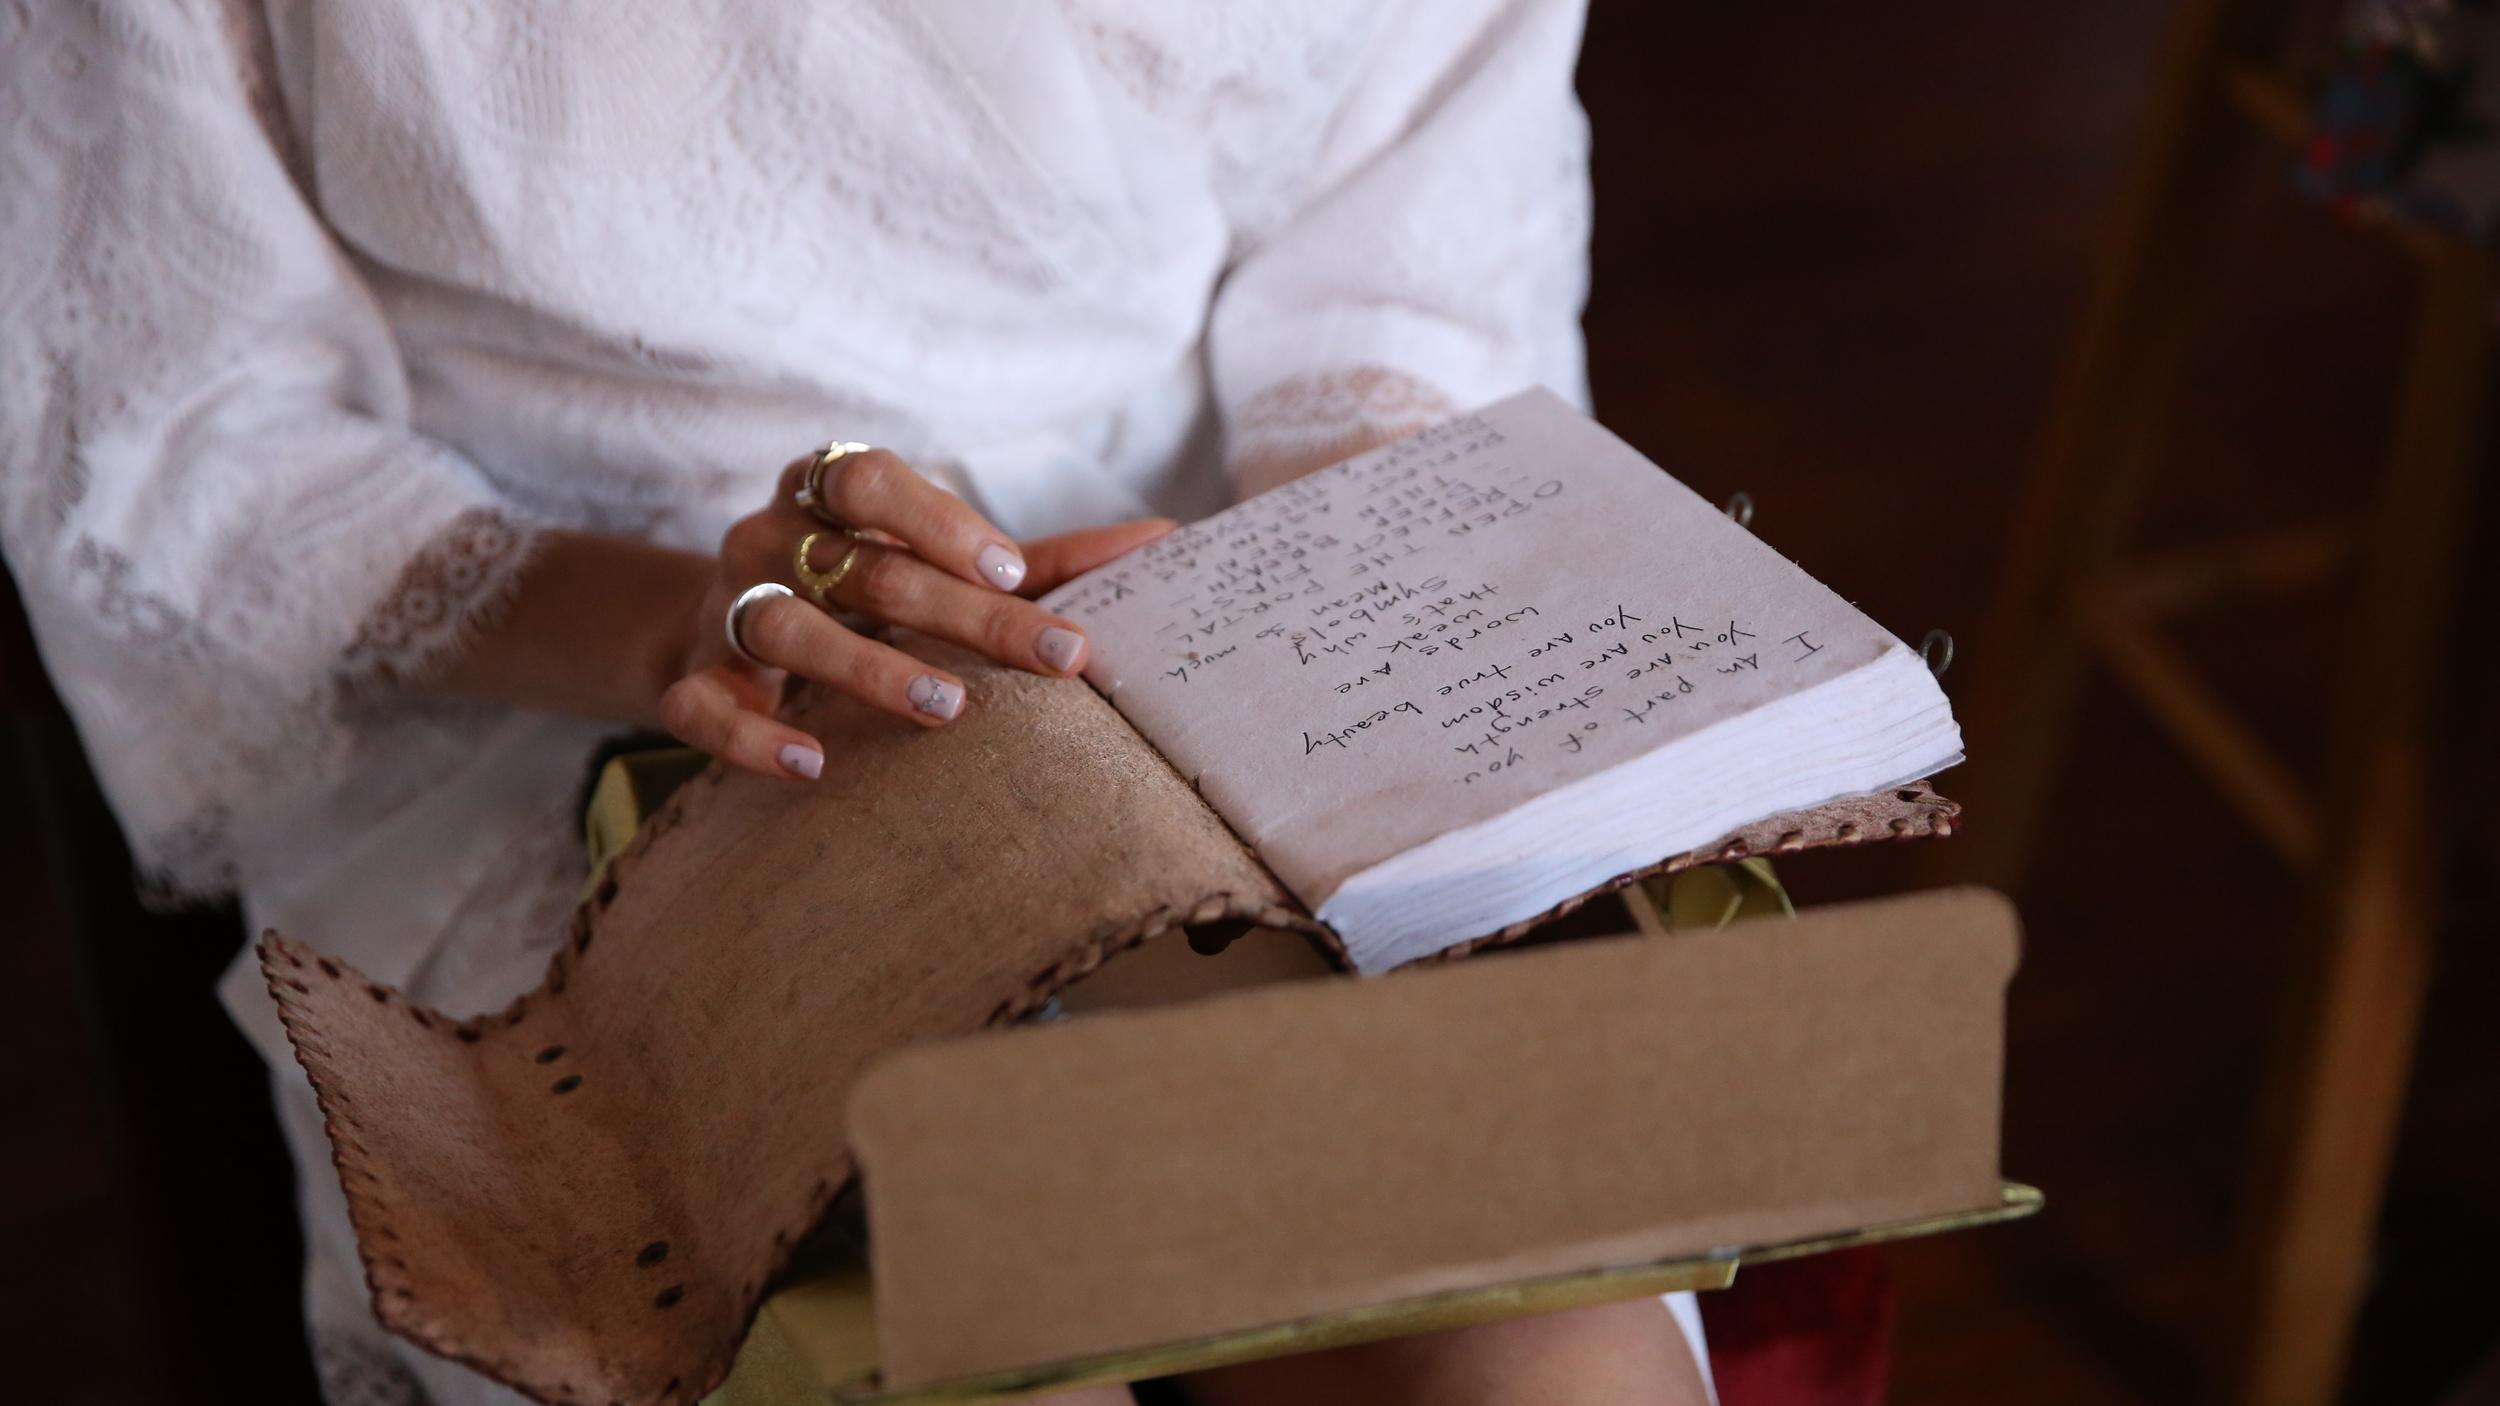 Handwritten notes make the best wedding presents.